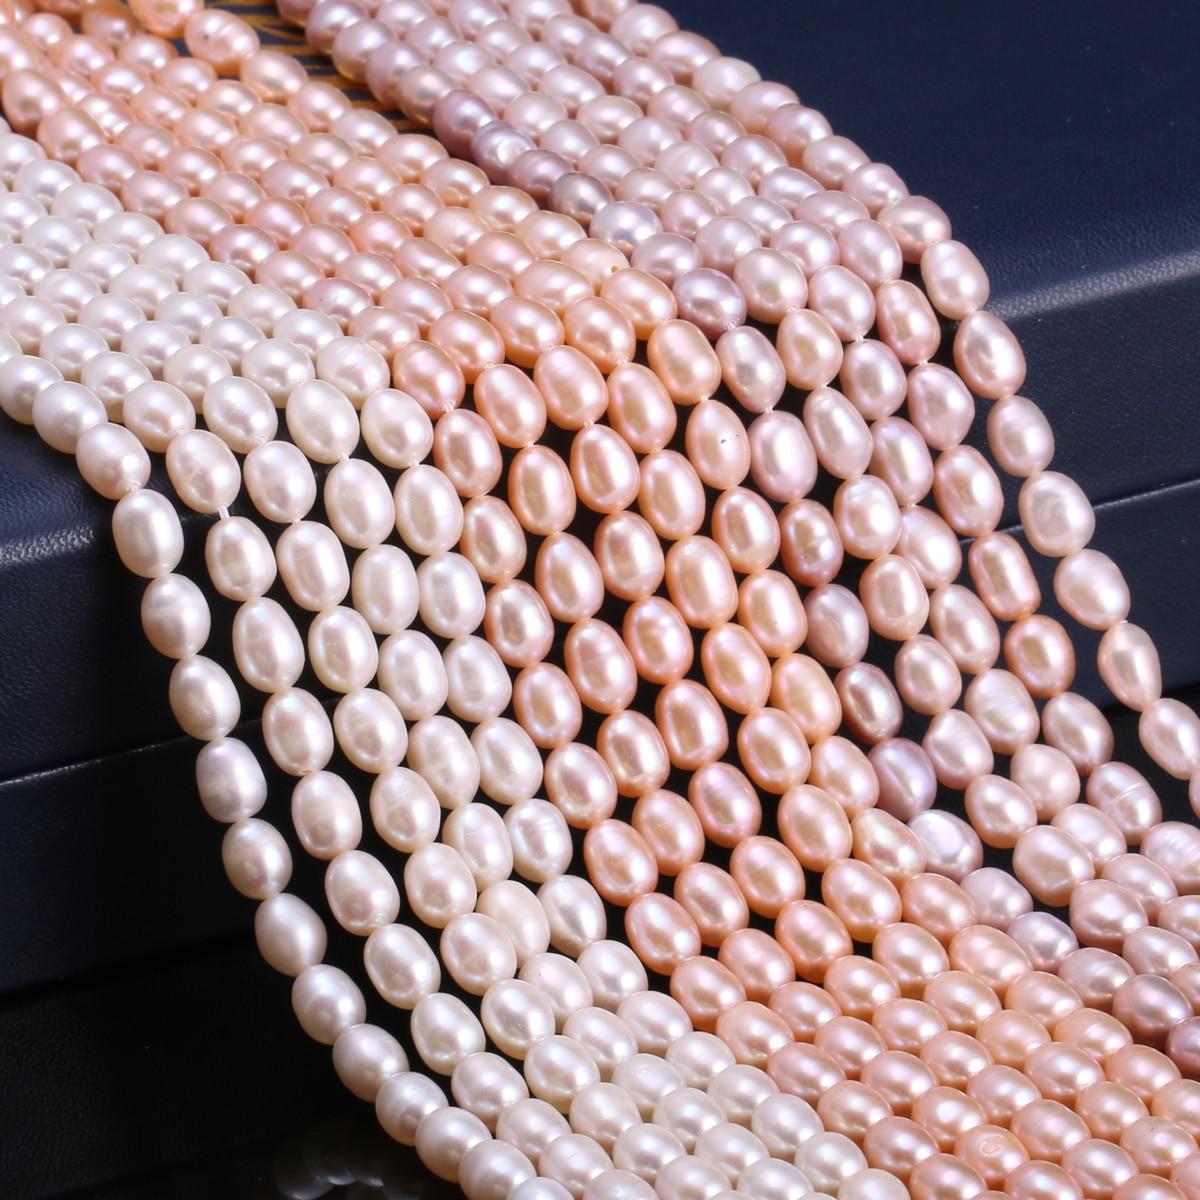 Natural de água doce pérolas cultivadas contas forma arroz 100% pérolas naturais para fazer jóias diy colar pulseira acessórios